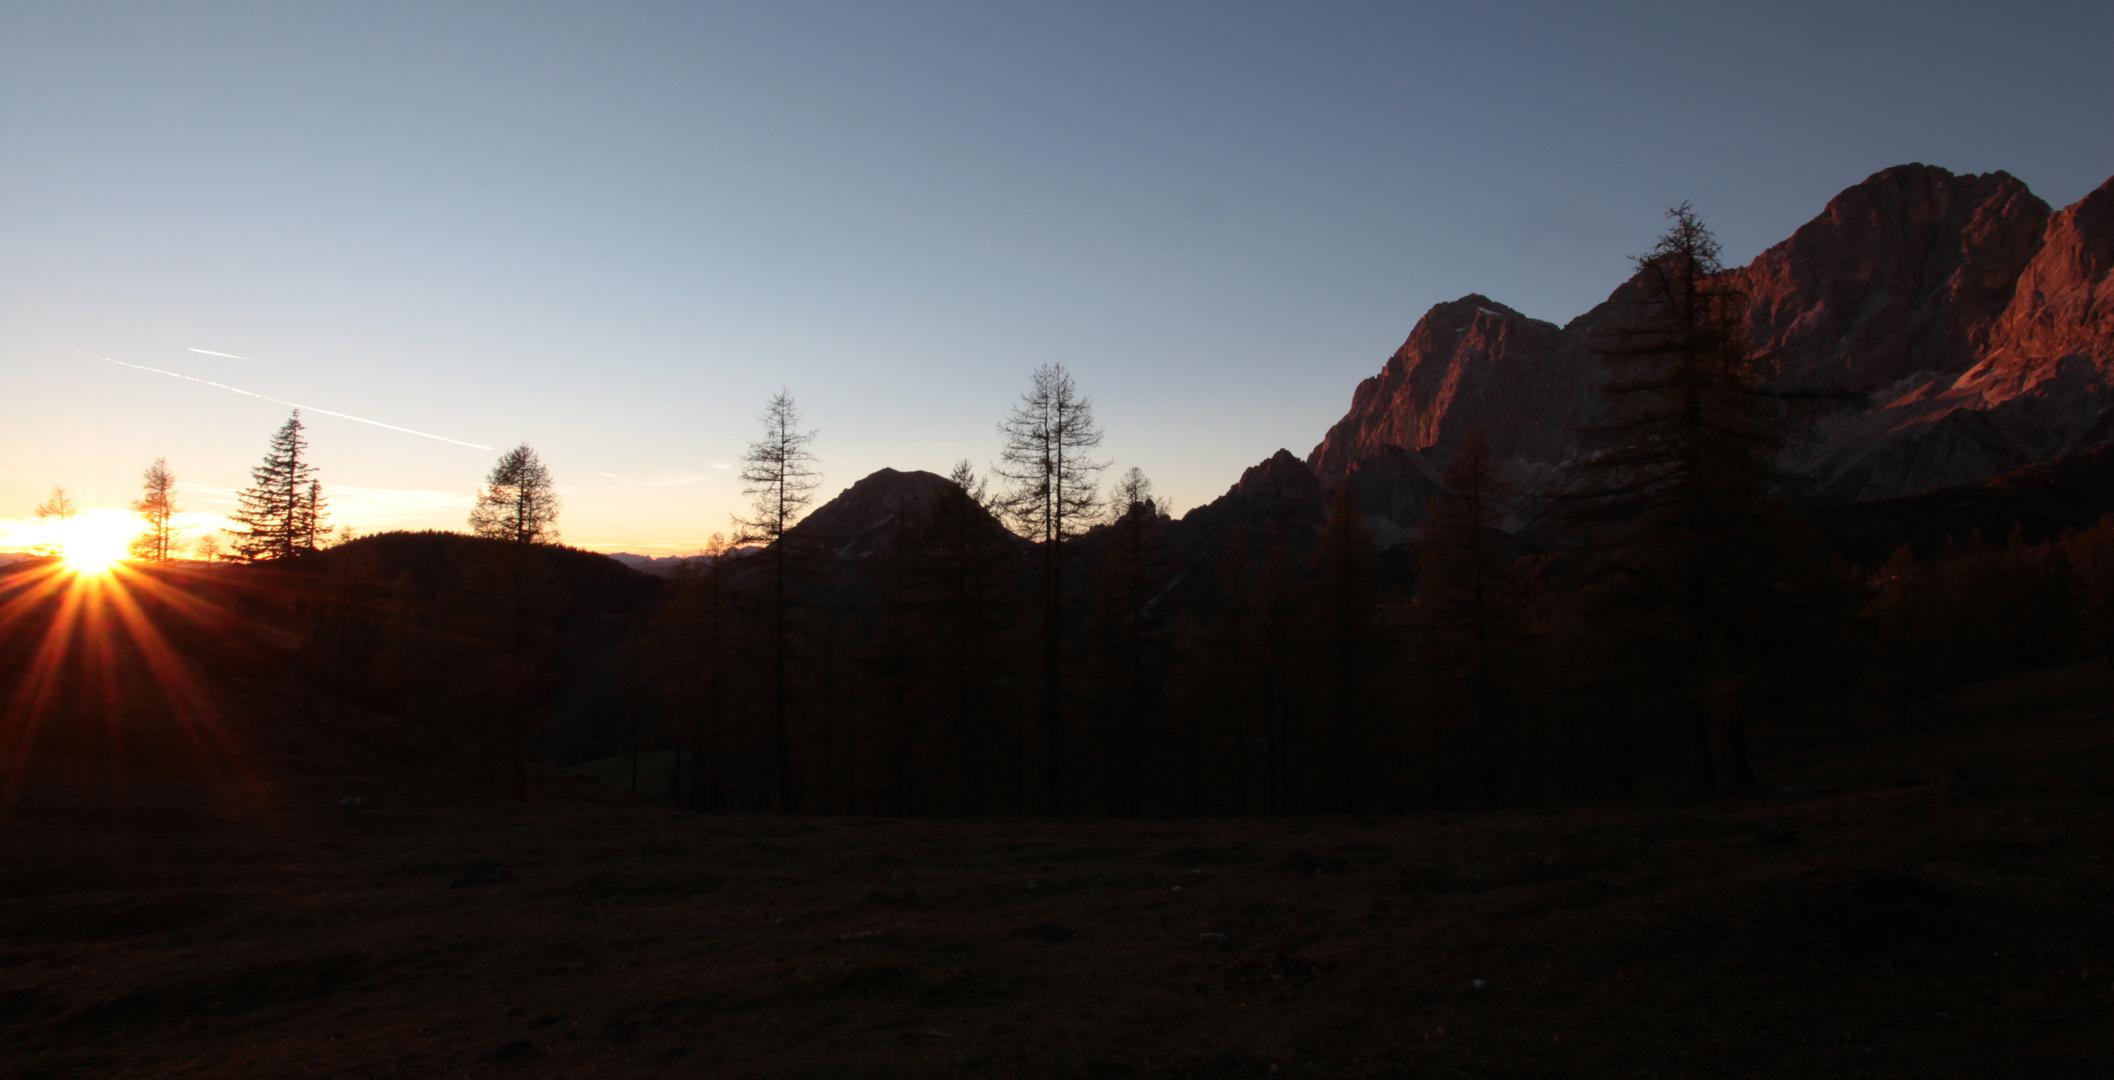 Sunset@Dachstein II